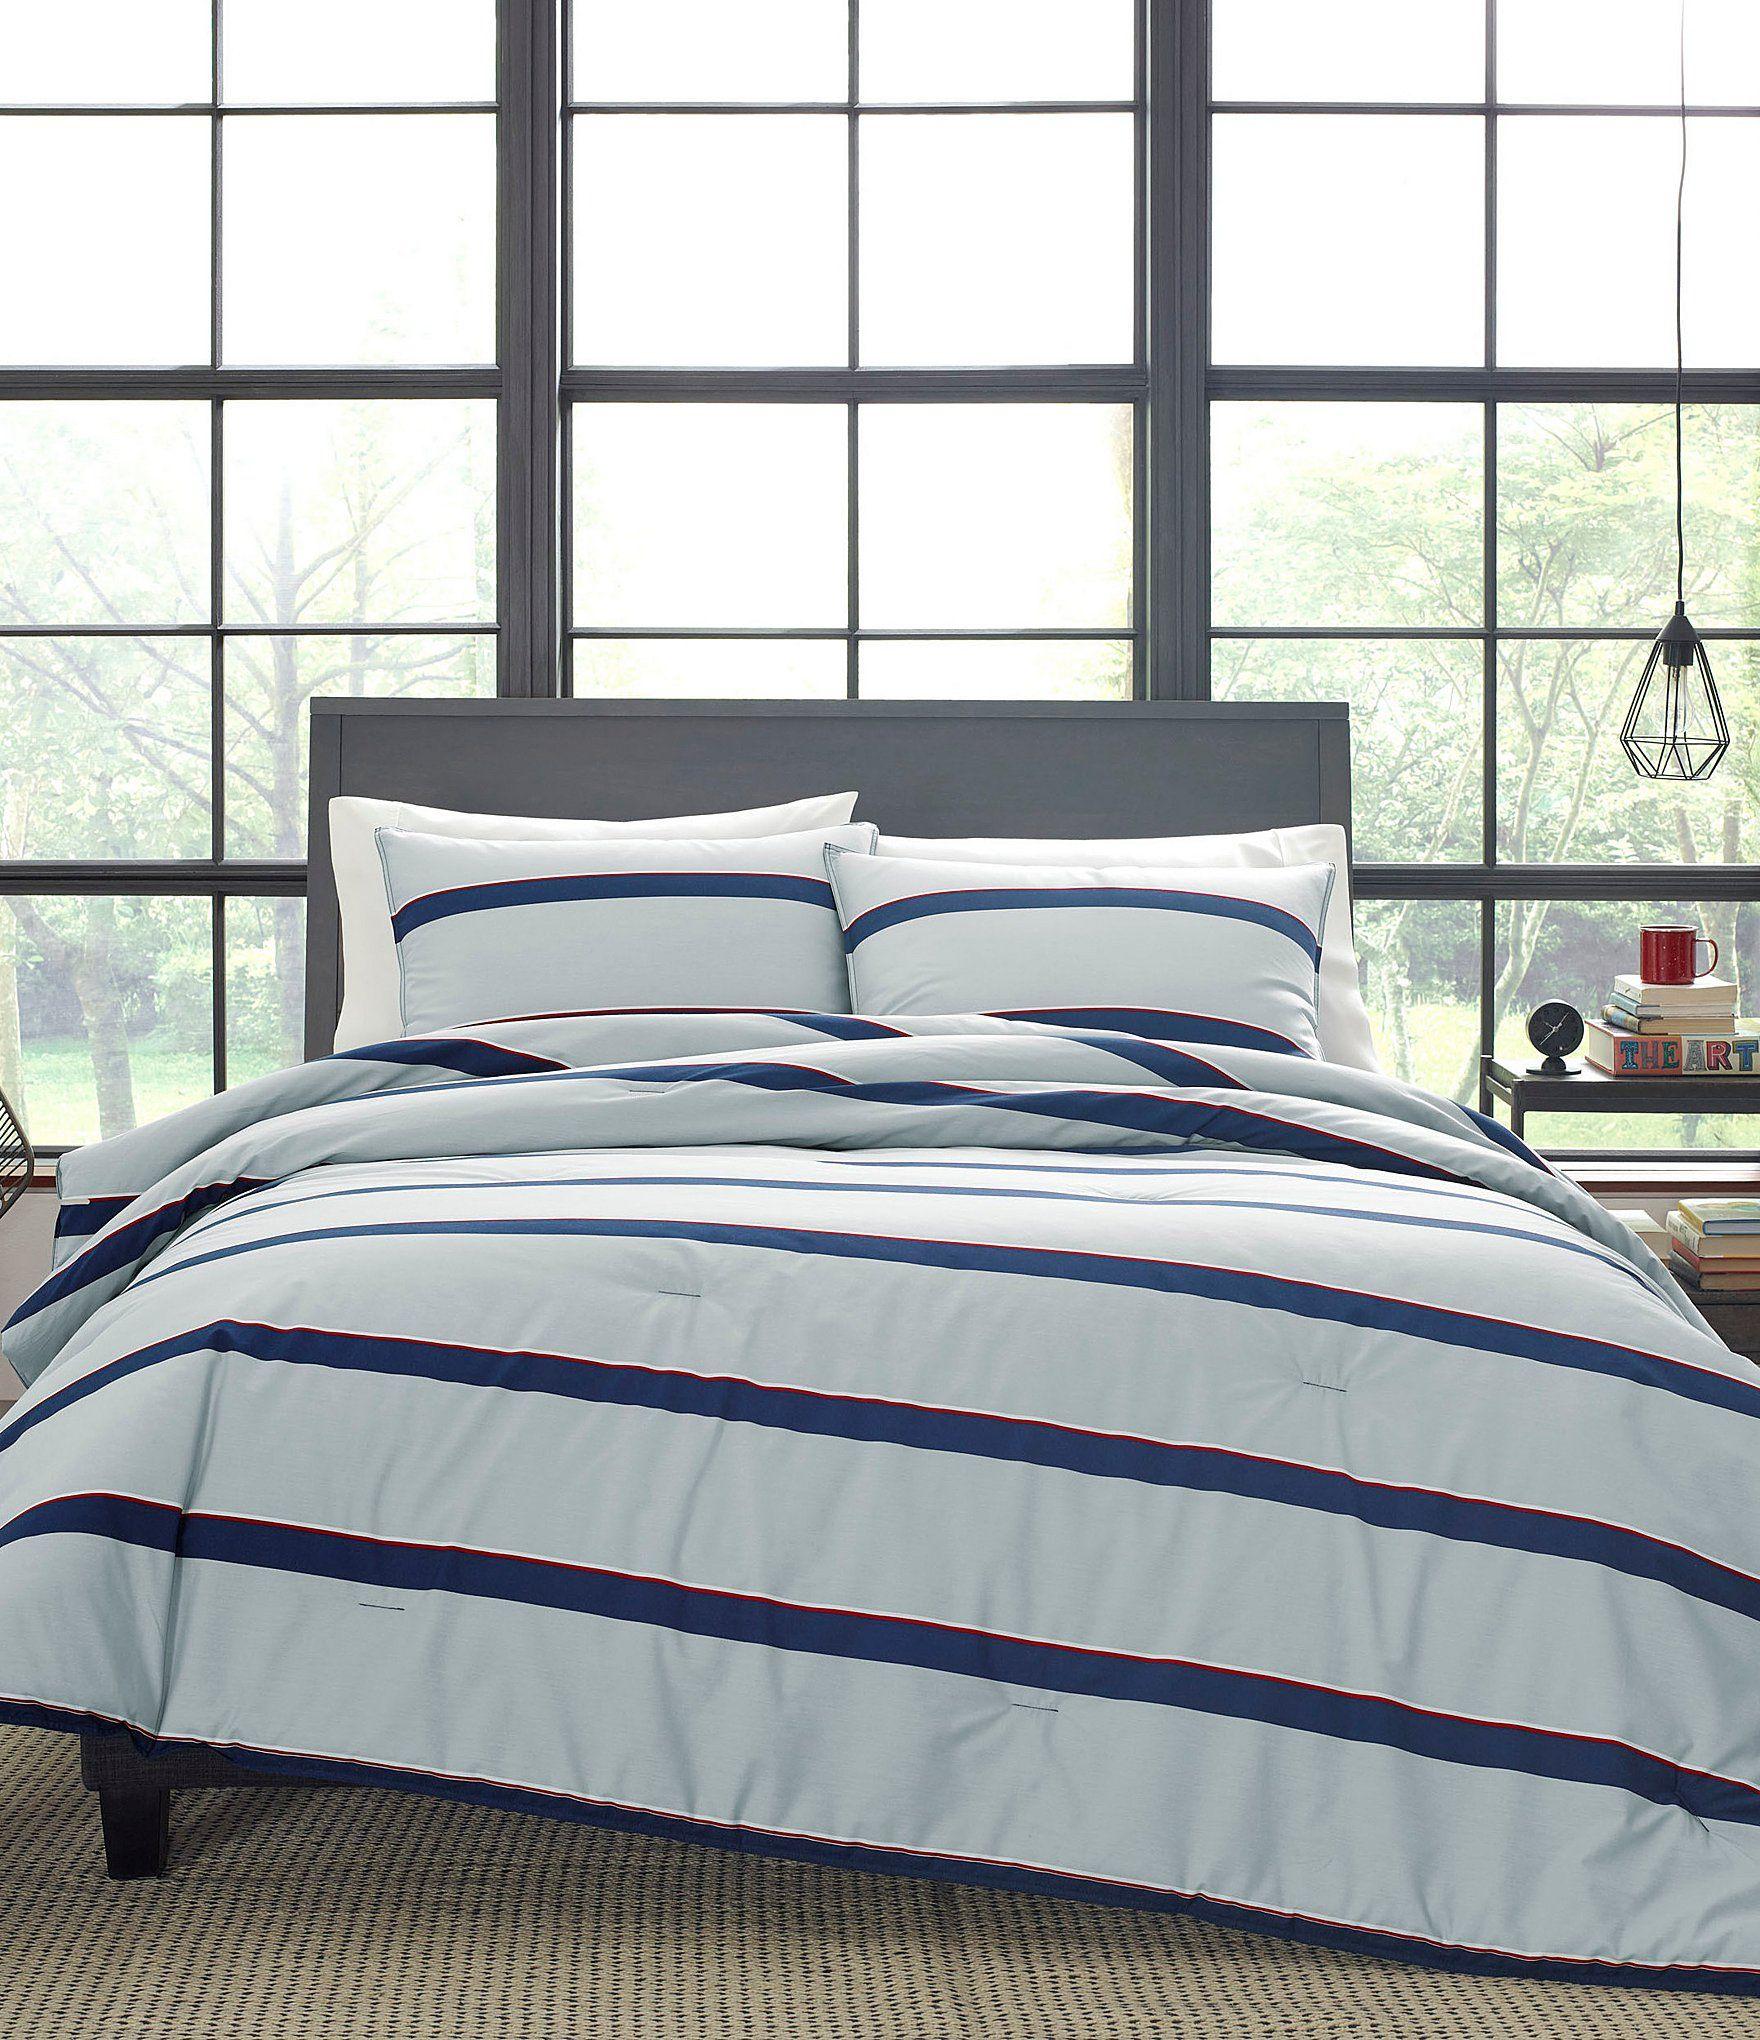 Nautica Fending Comforter Set Open Grey Twin Comforter Set